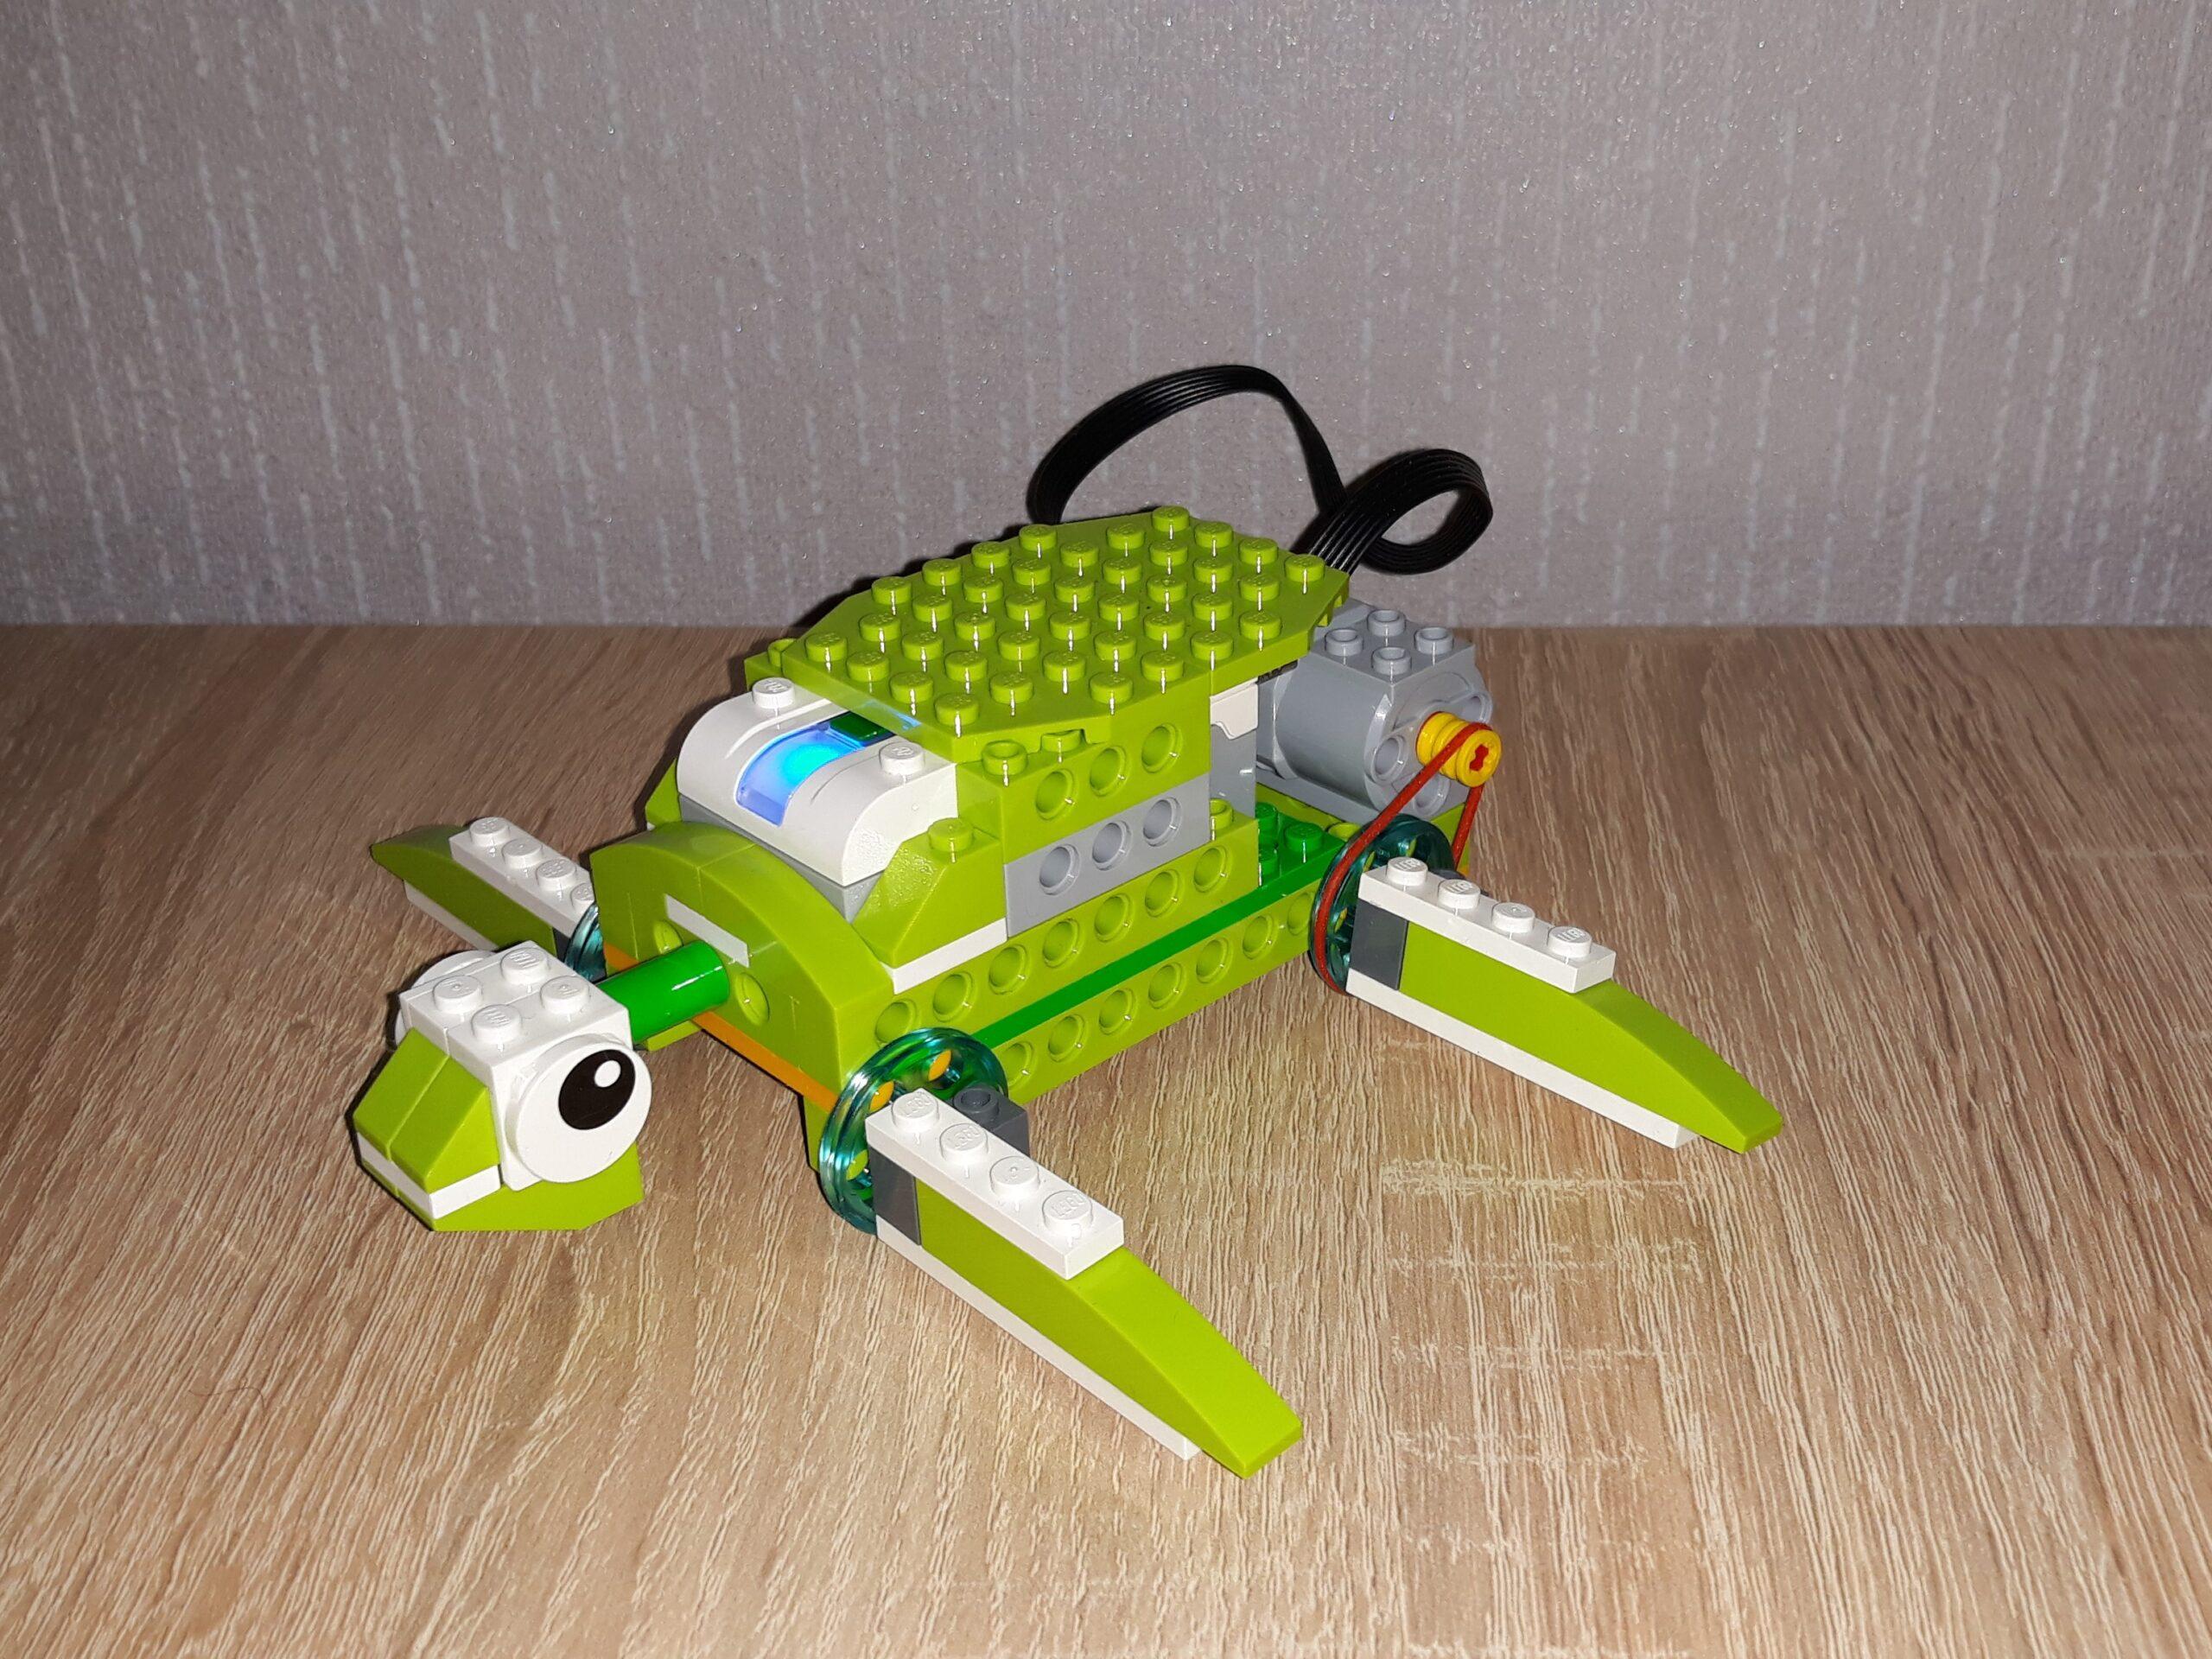 Пошаговая инструкция по сборке из набора LEGO Education WeDo 2.0 Черепашка